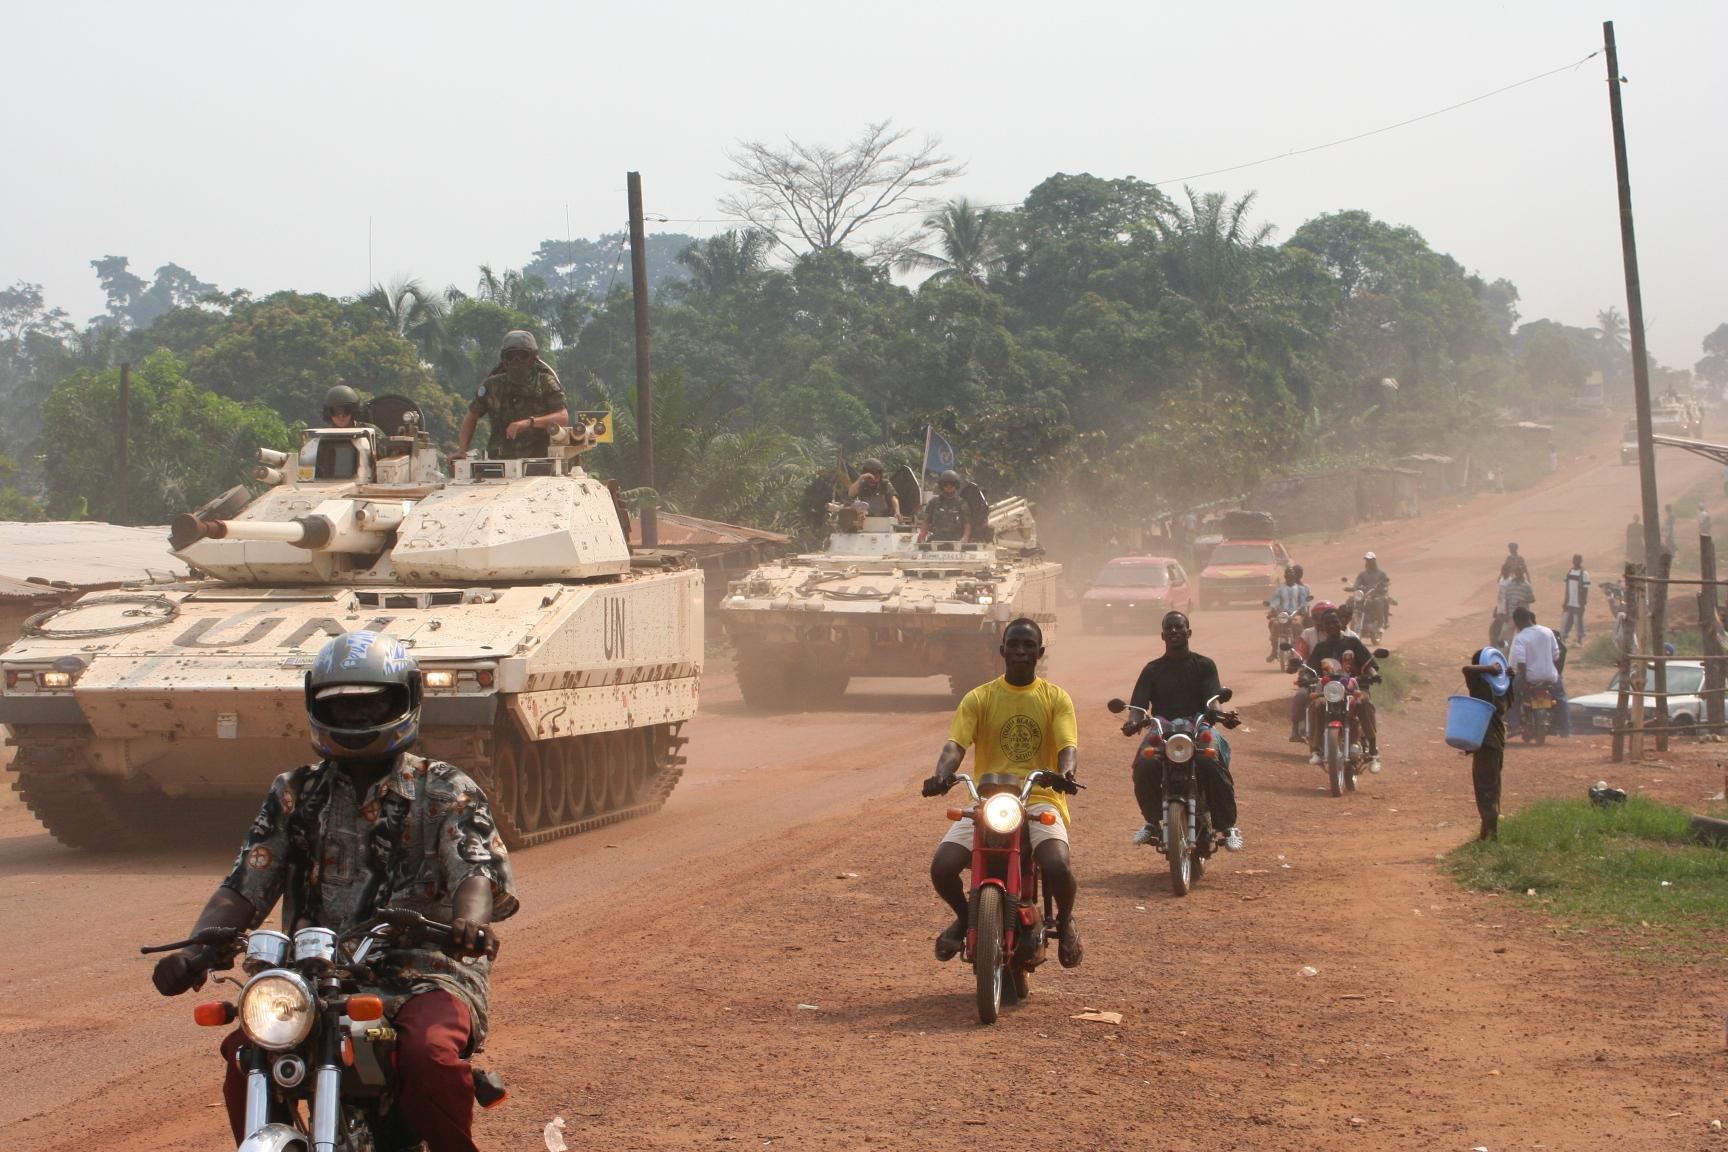 Svenska stridsfordon på väg in mot Ghanta, Nimba County, Liberia  /foto: Mattias Wandler